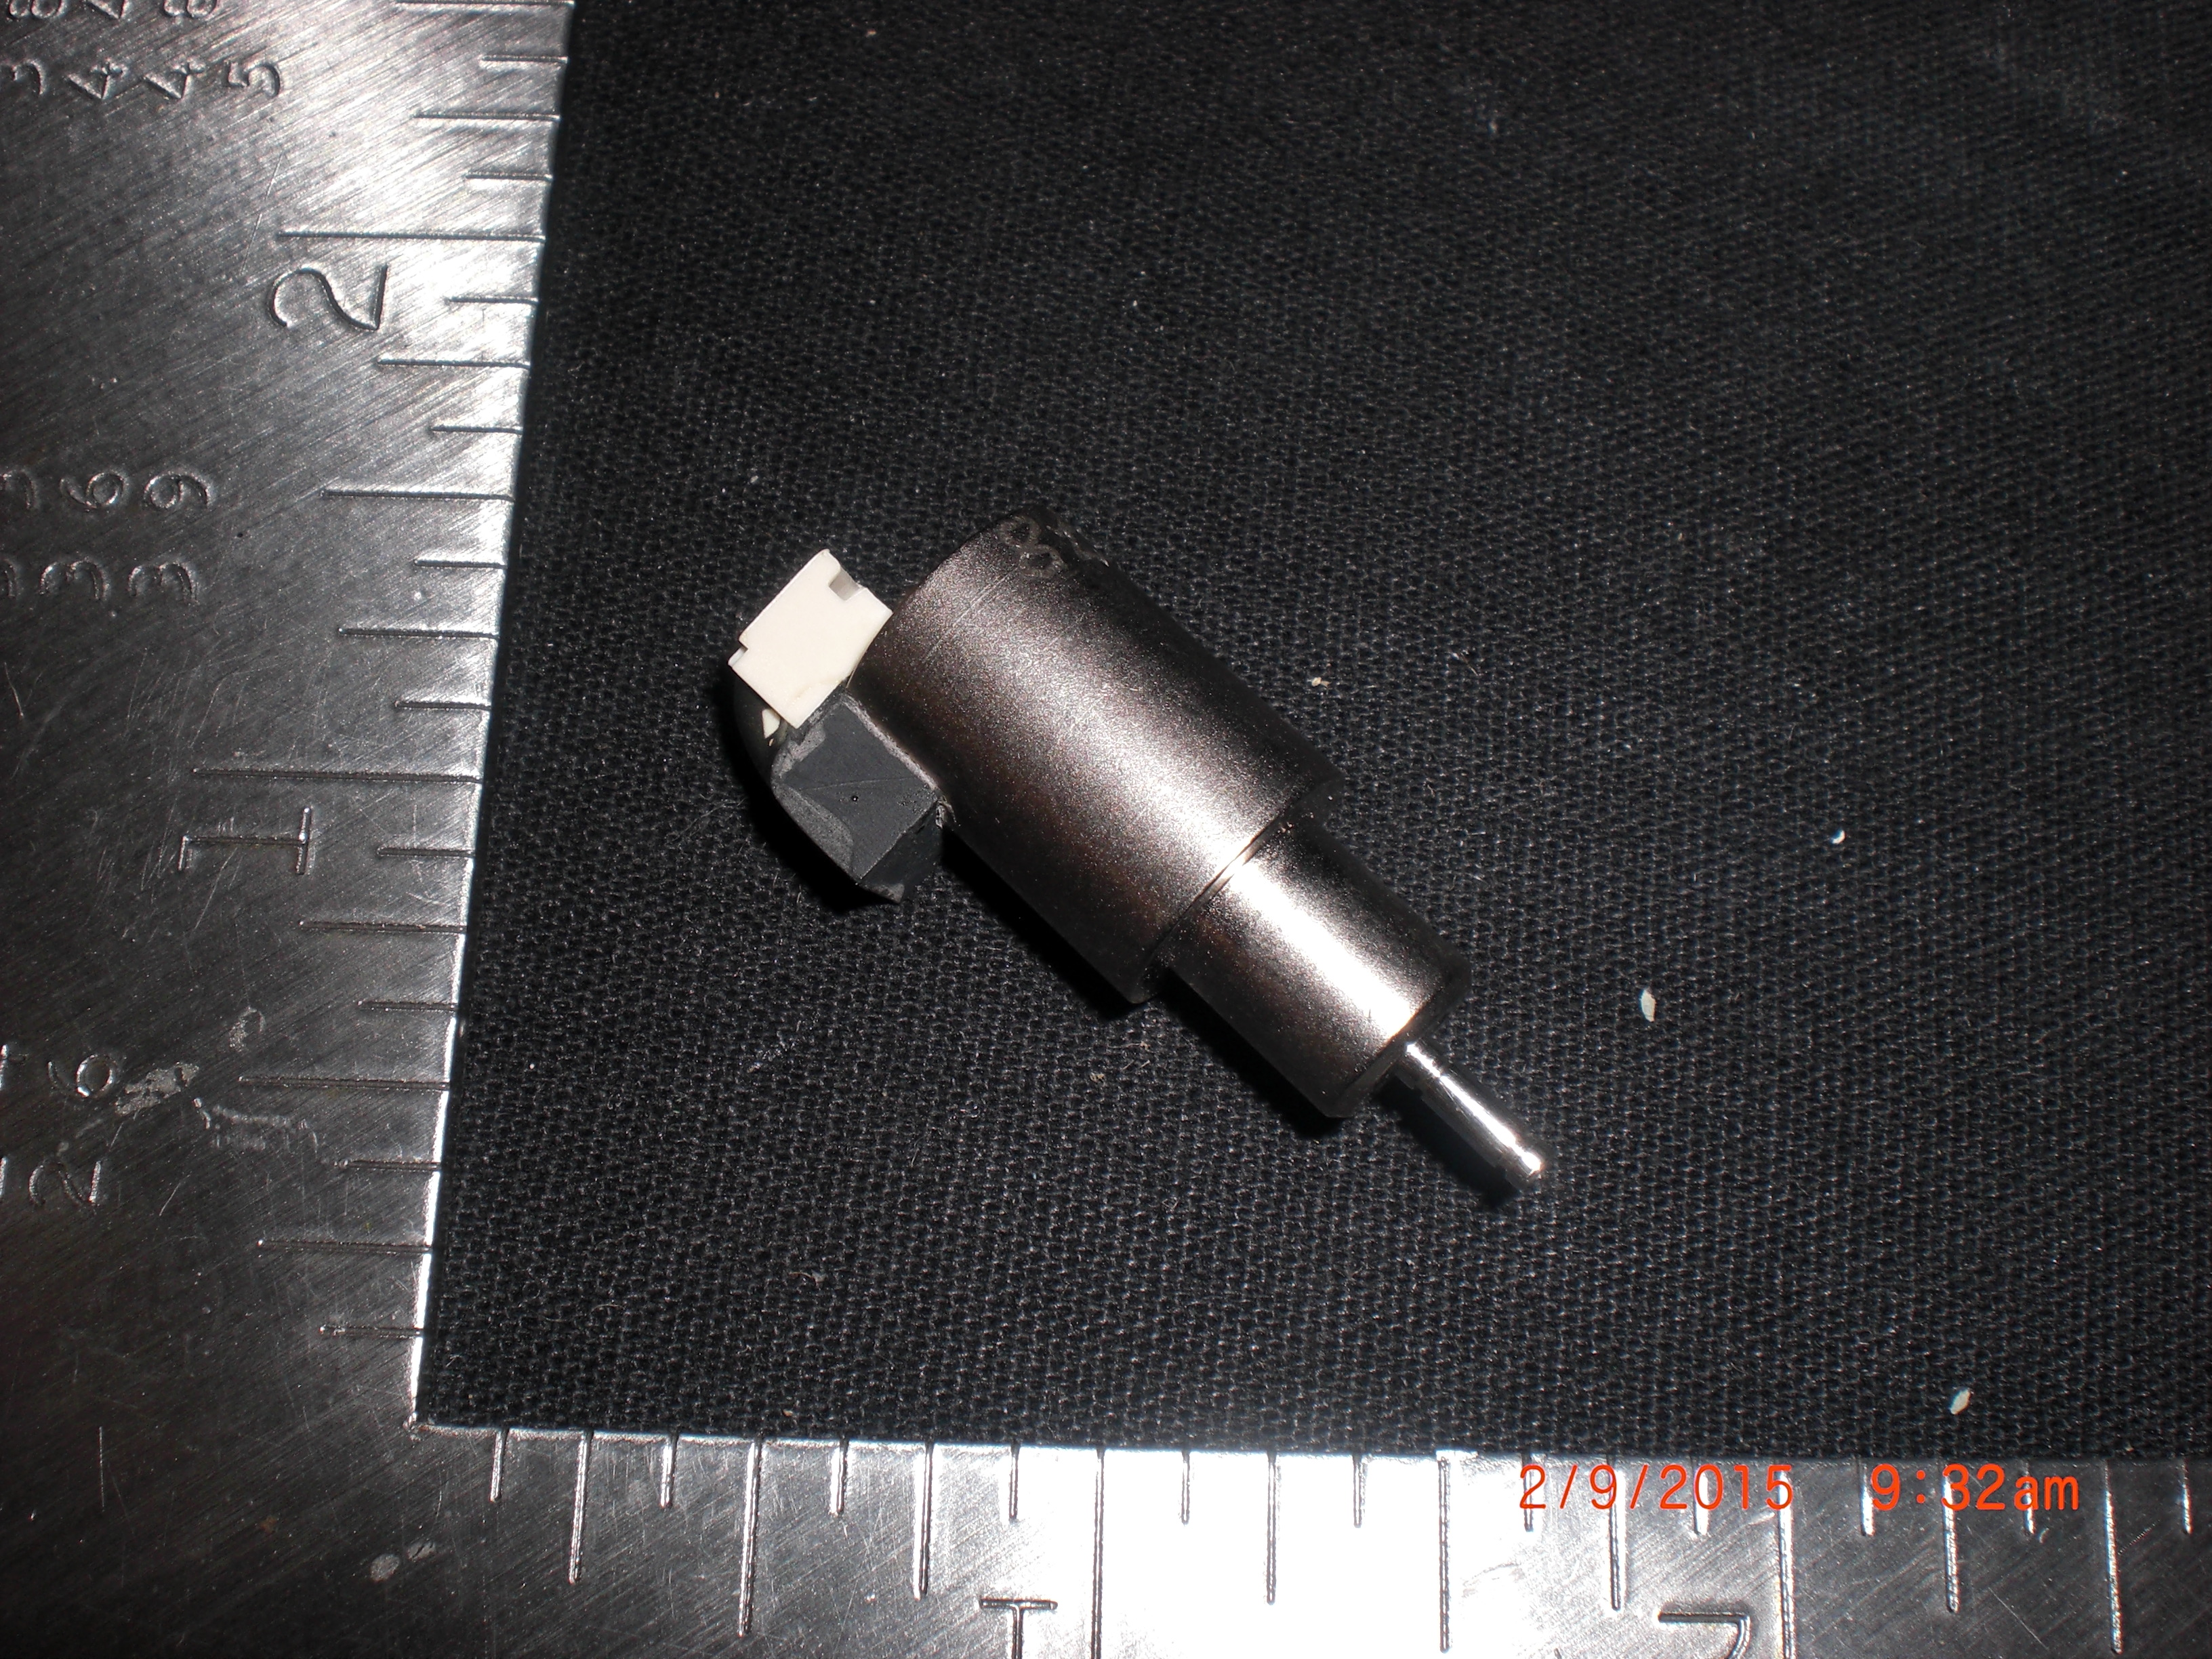 Actuator ESEC 13.0165.1 Clamp Wire Solenoid Magnet